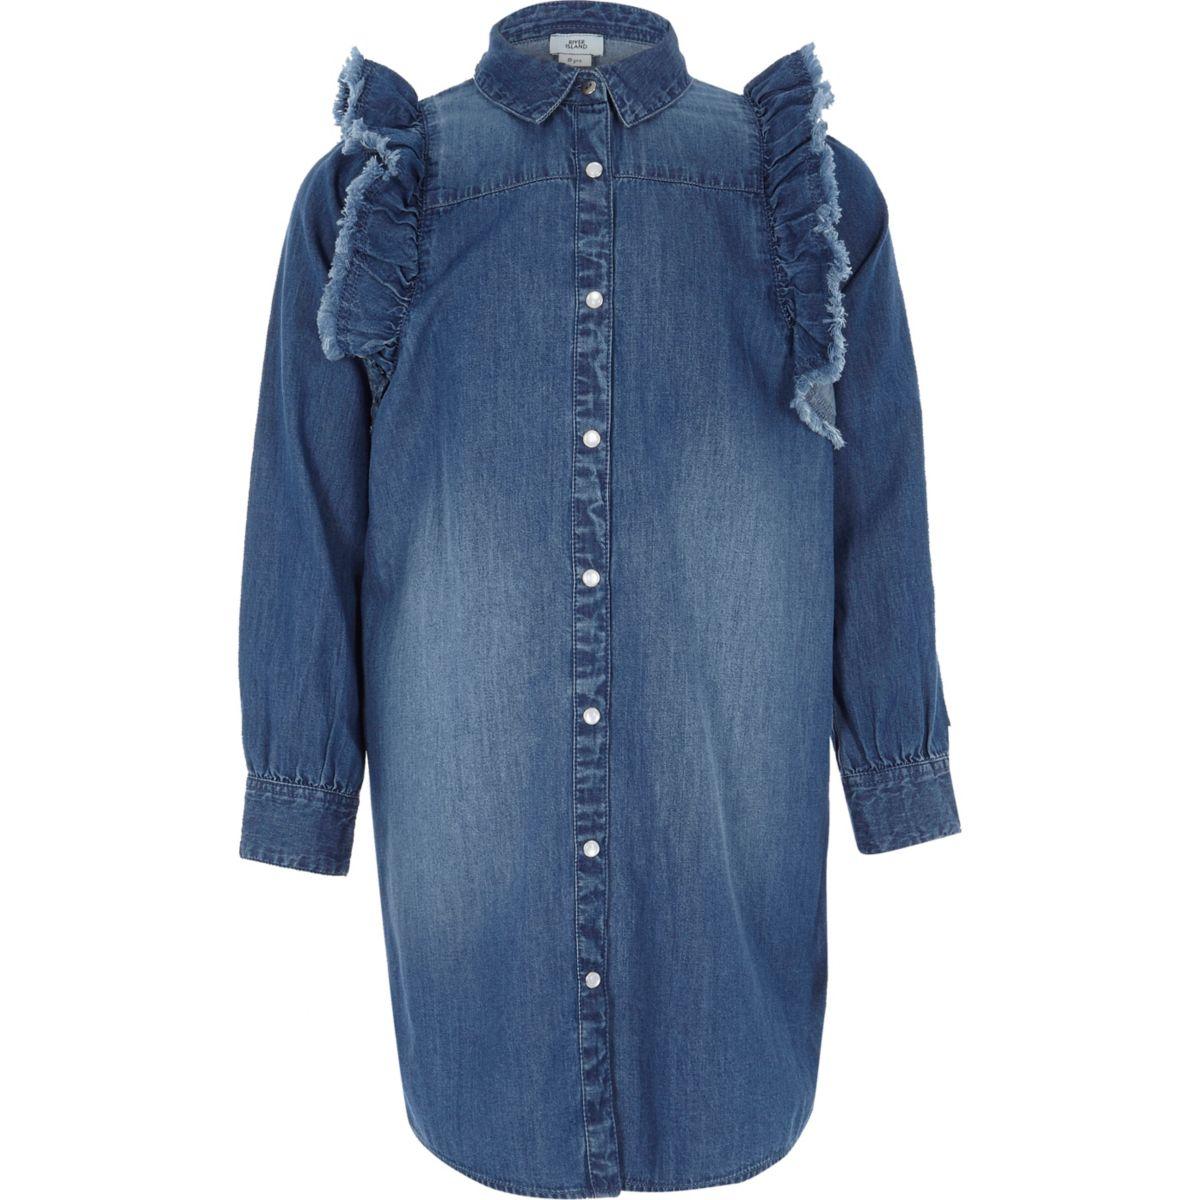 Girls blue denim frill shirt dress